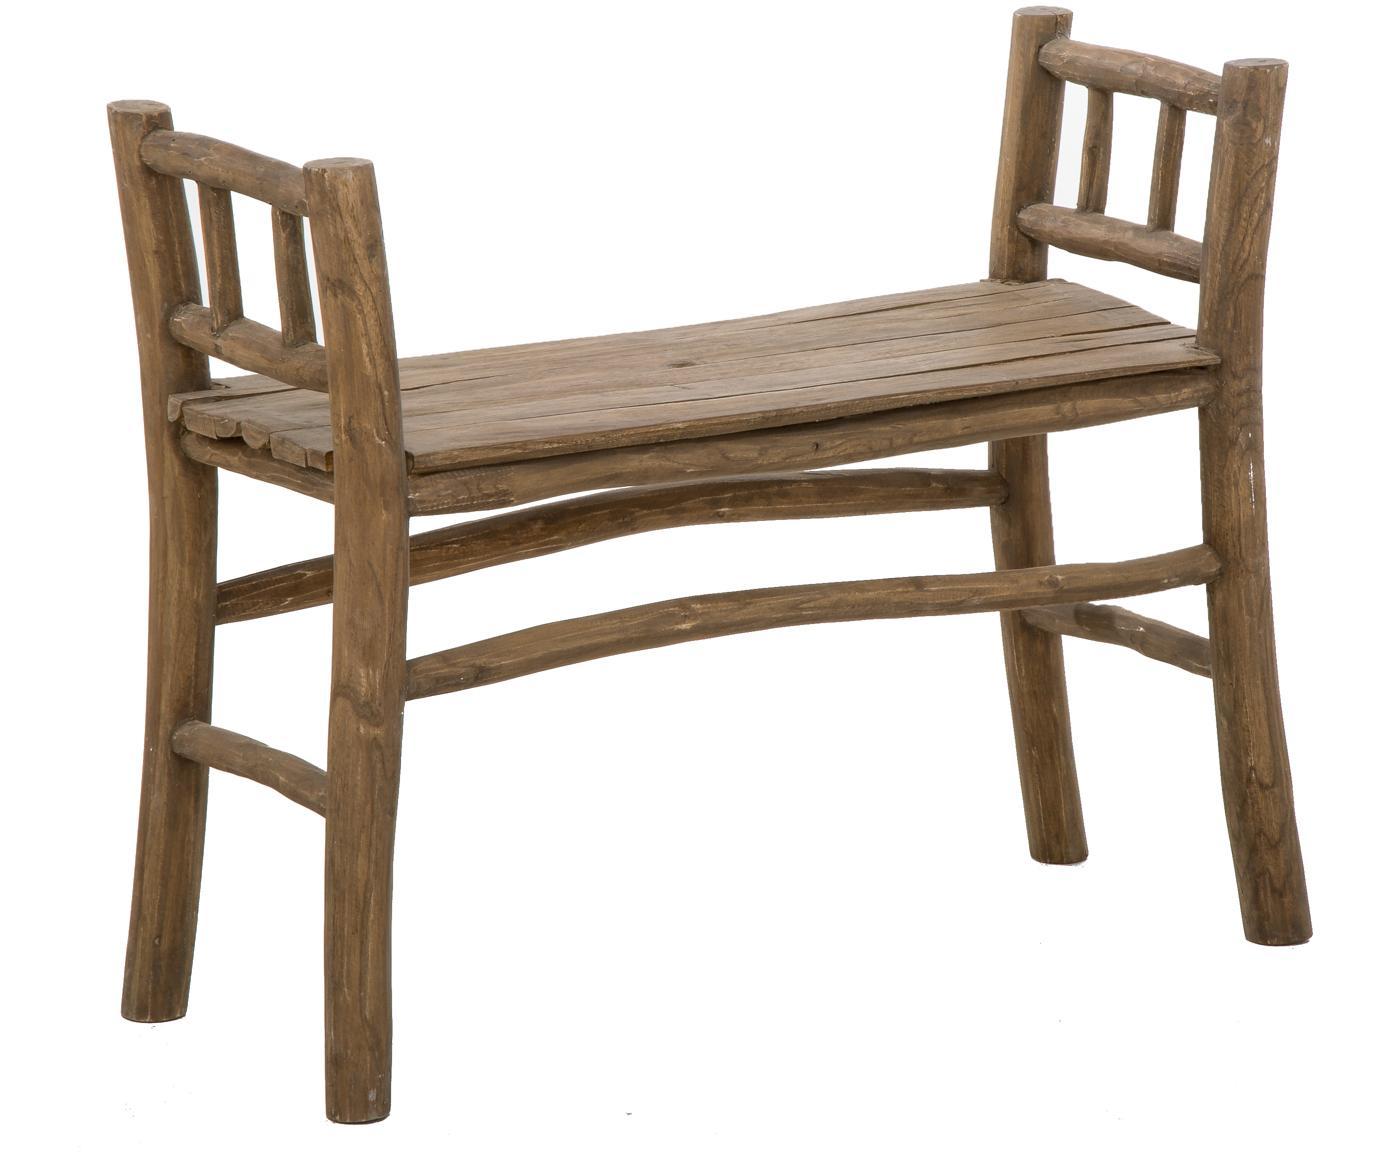 Ławka z drewna tekowego Beachside, Naturalne drewno tekowe, Drewno tekowe, S 80 x W 64 cm